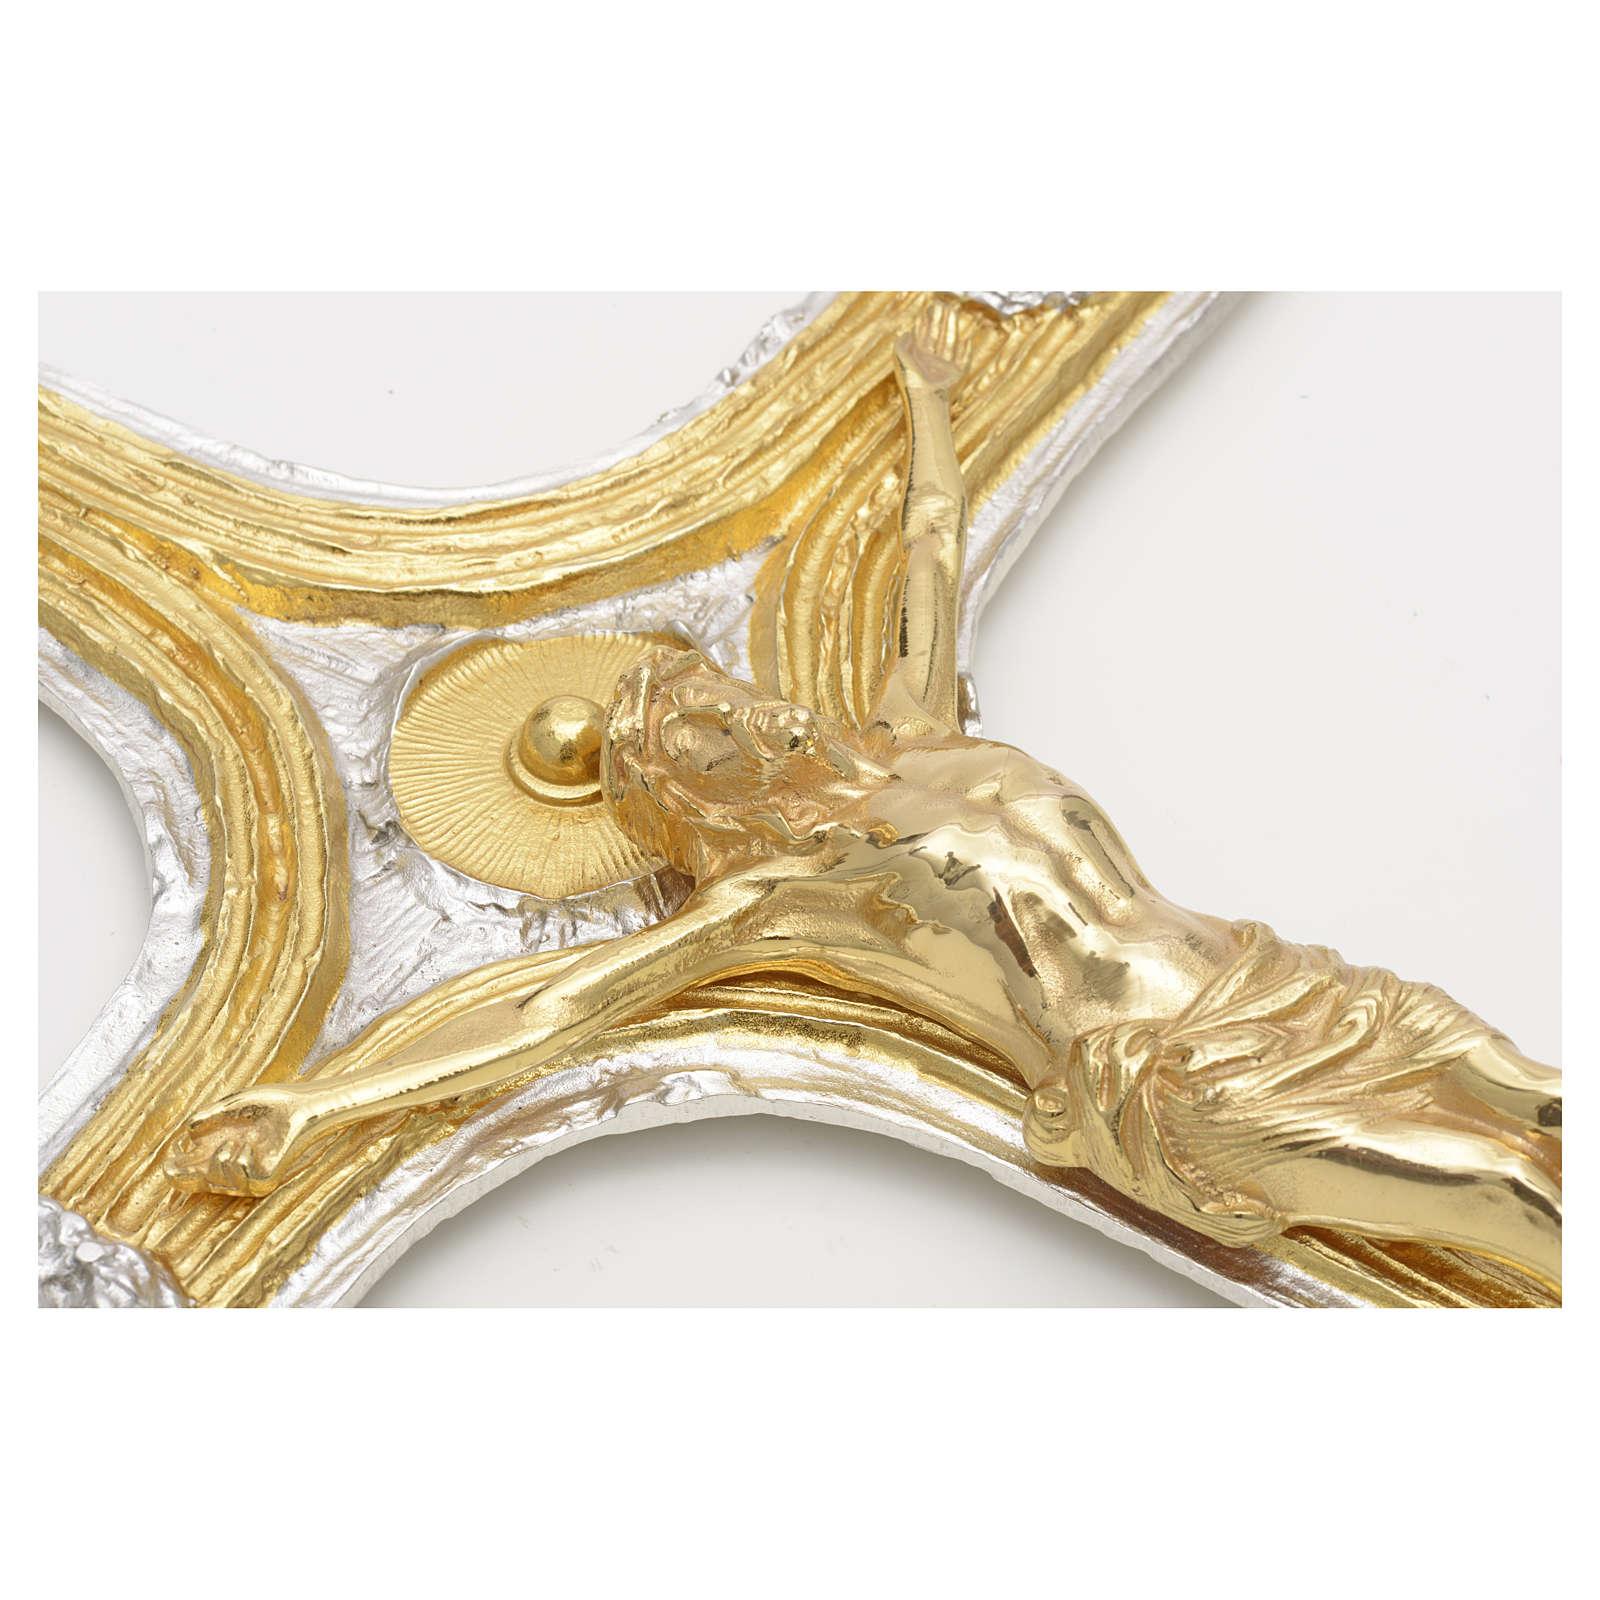 Crocefisso bronzo scernito bicolore 4